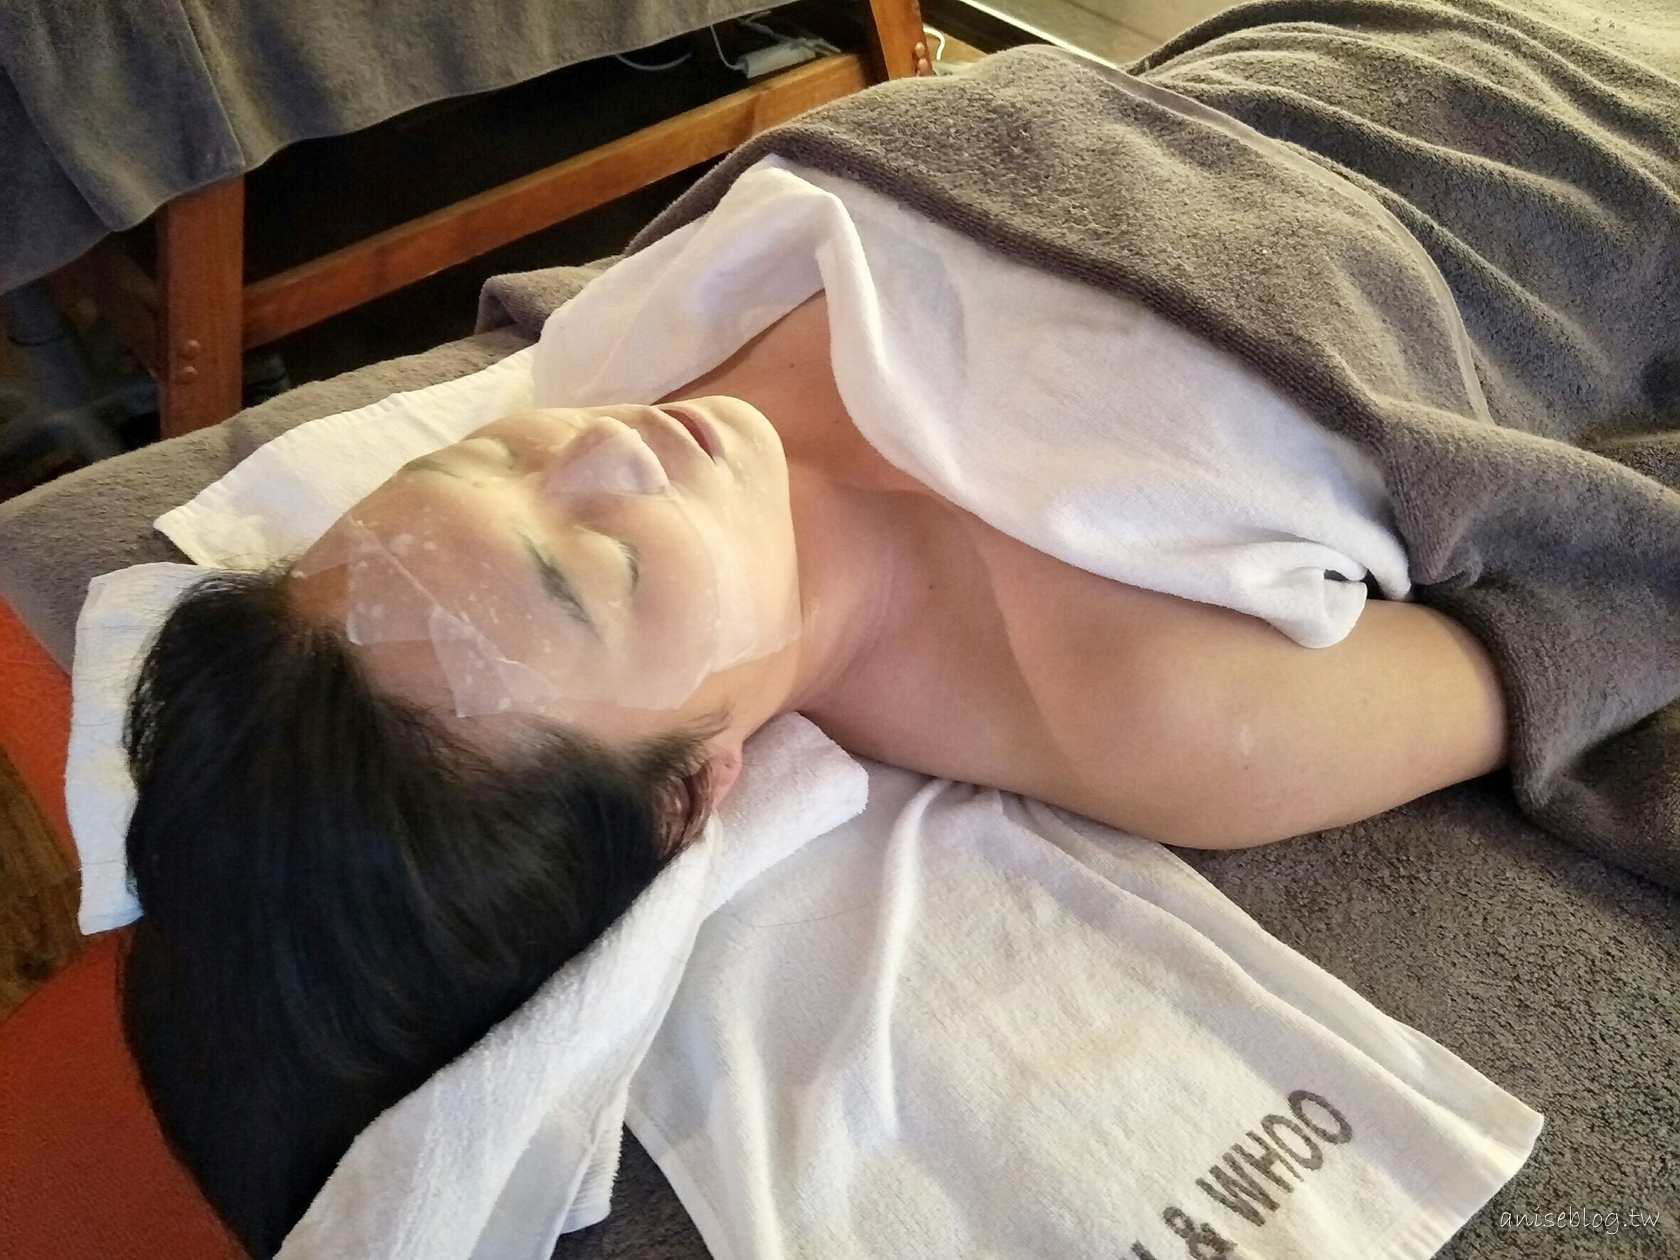 首爾SPA做臉 | 韓國頂級保養品牌后Whoo SPA 當貴婦!其實高貴不貴.. (跌倒阿姨遊記)